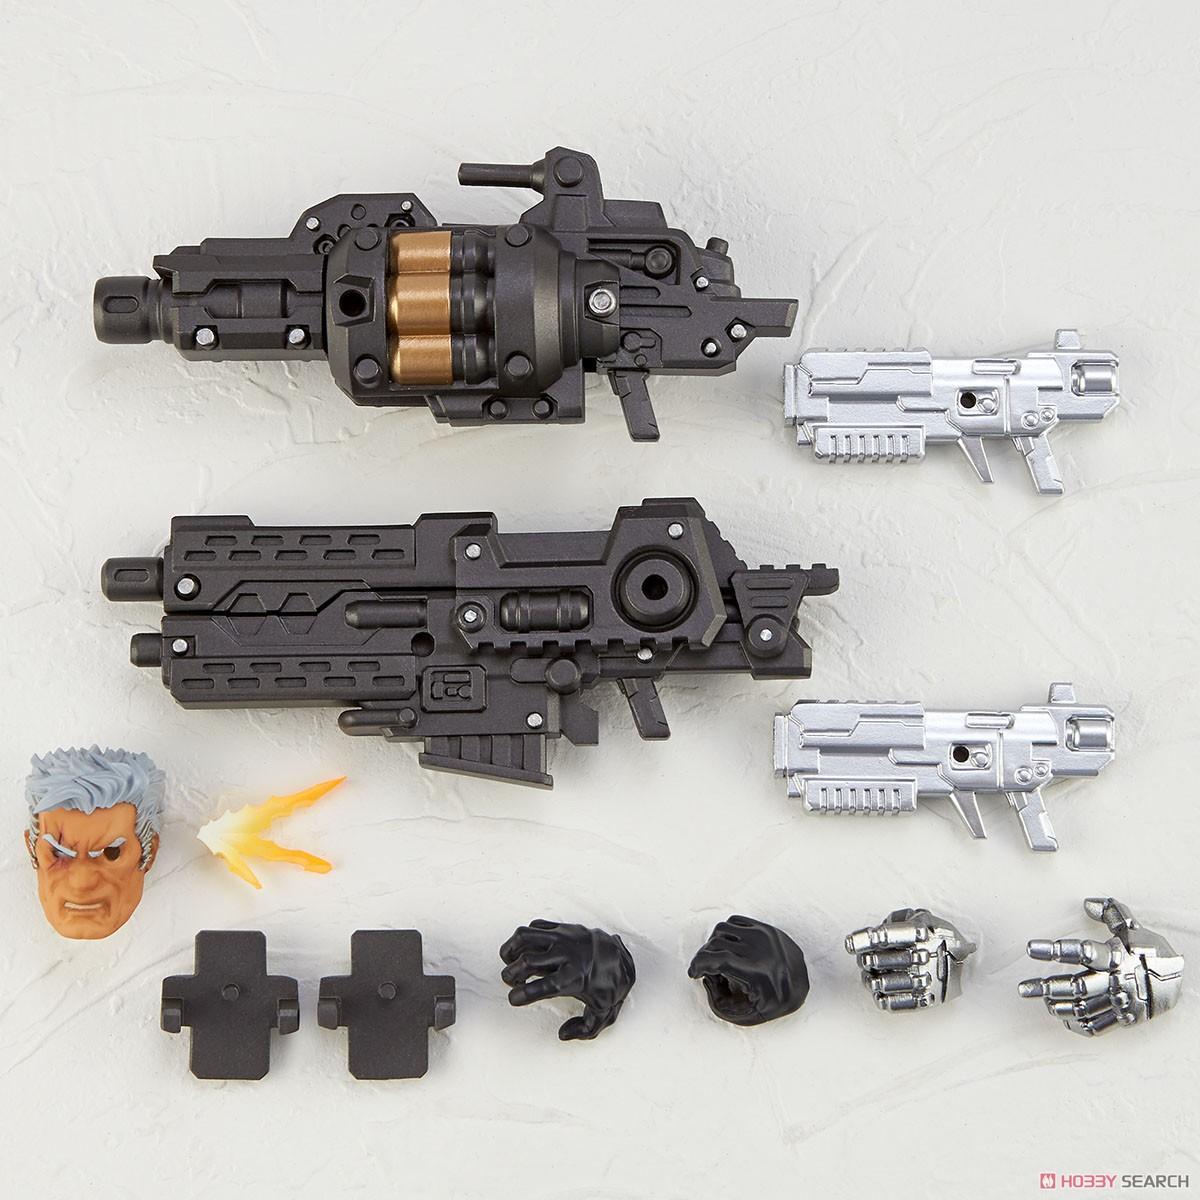 フィギュアコンプレックス アメイジング・ヤマグチ No.020『ケーブル』X-MEN 可動フィギュア-002